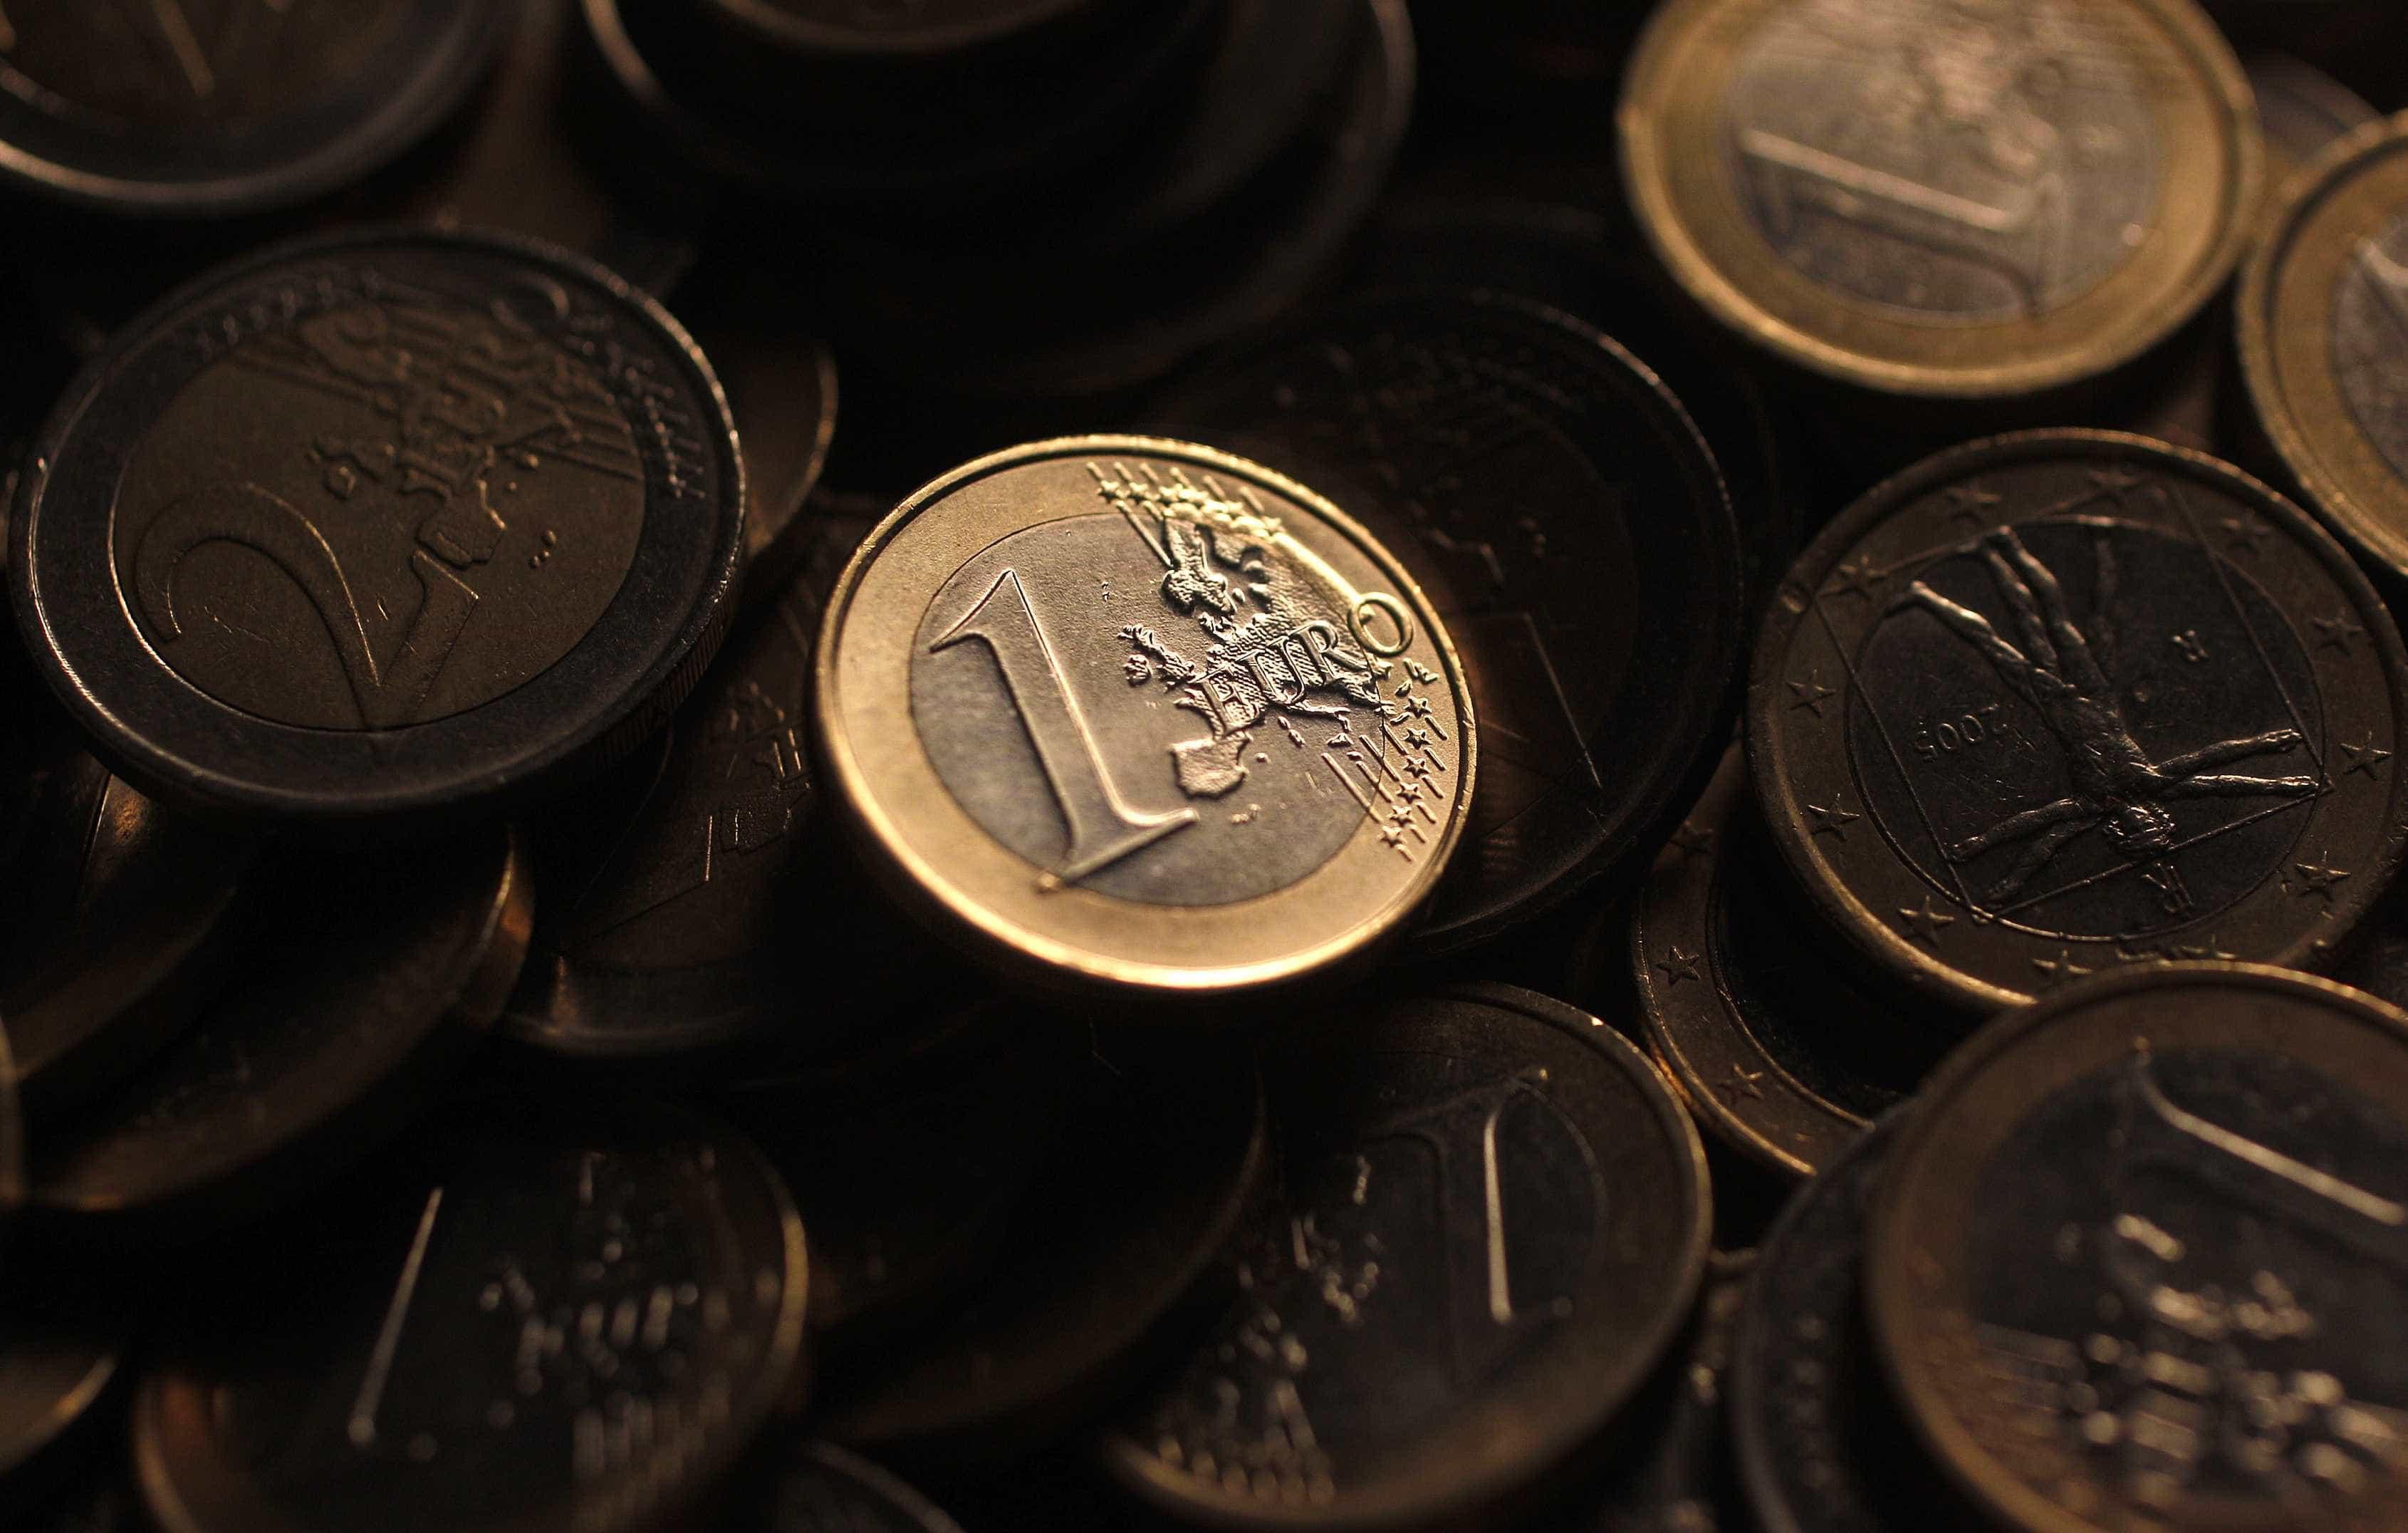 Portugal prolonga maturidade de Obrigações do Tesouro de 2021 para 2030